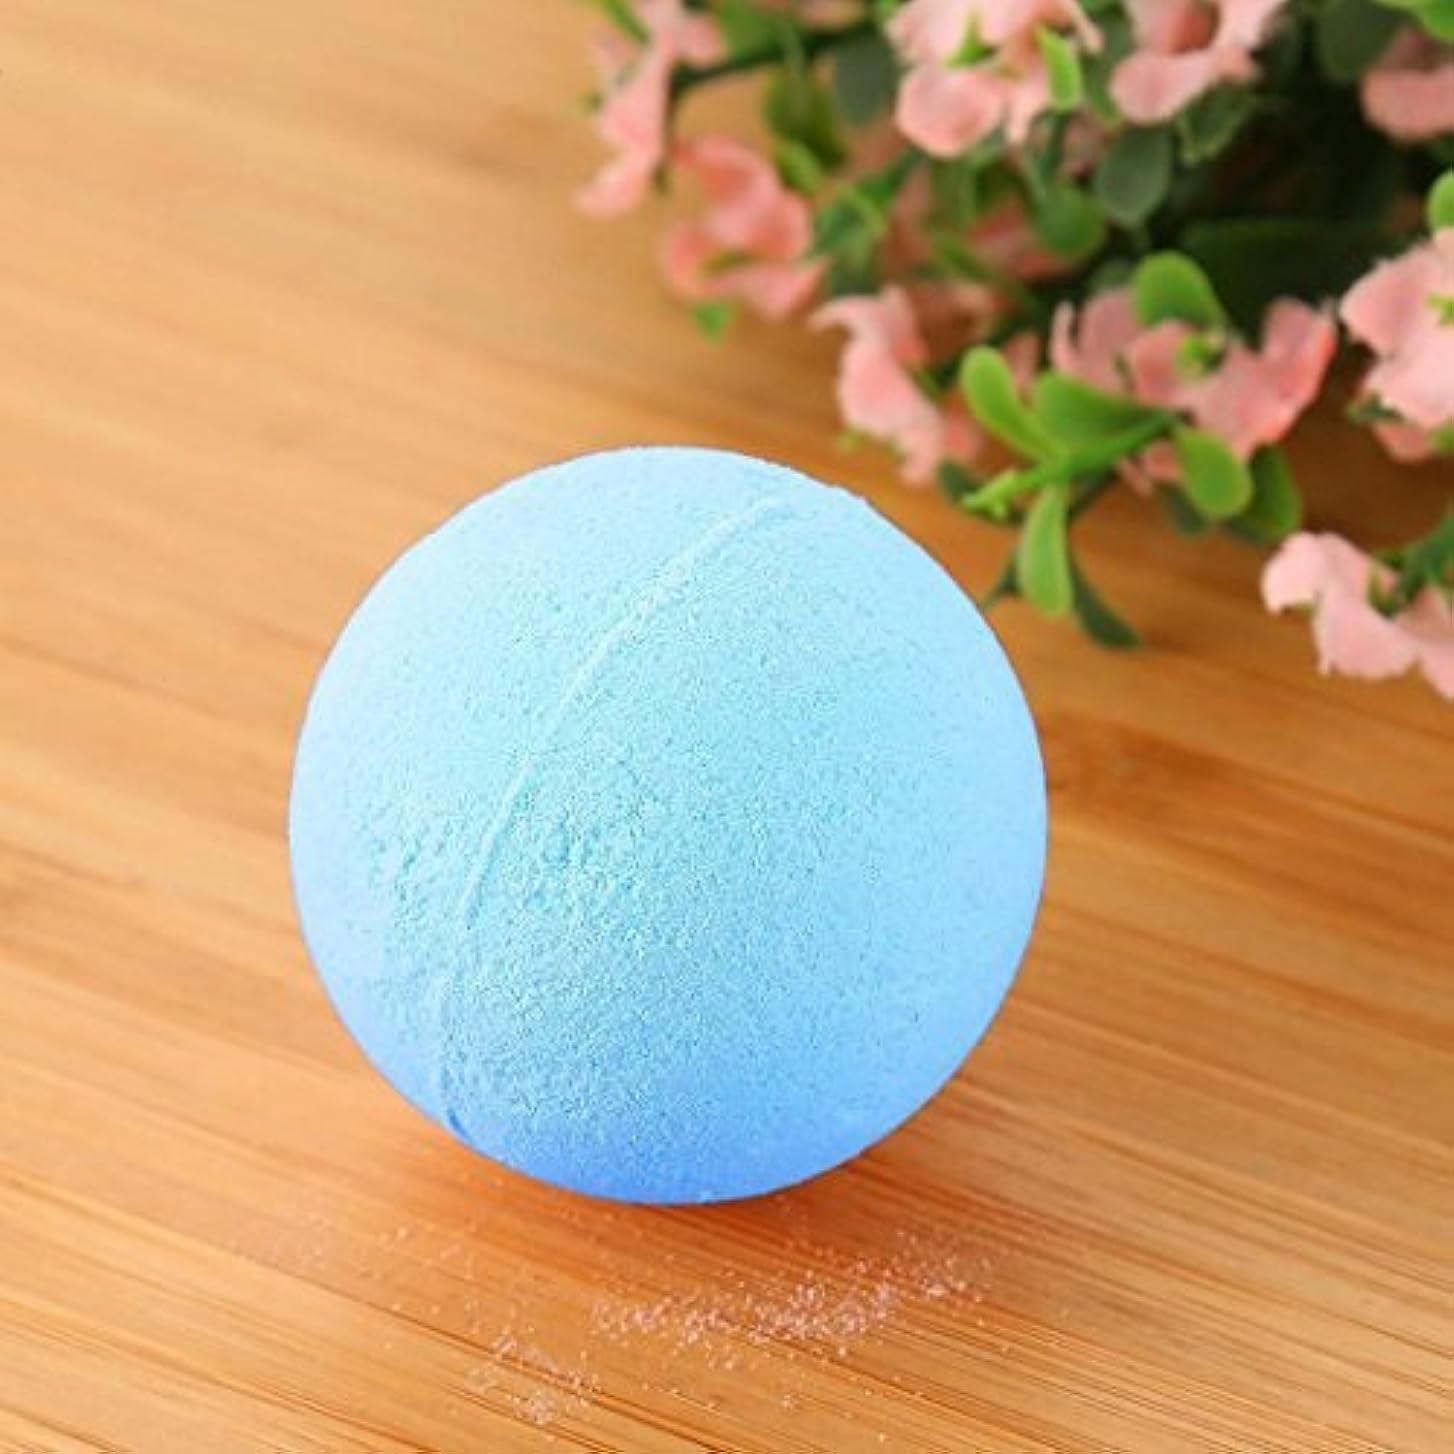 近所の解釈する実験的バブルボール塩塩浴リラックス女性のための贈り物